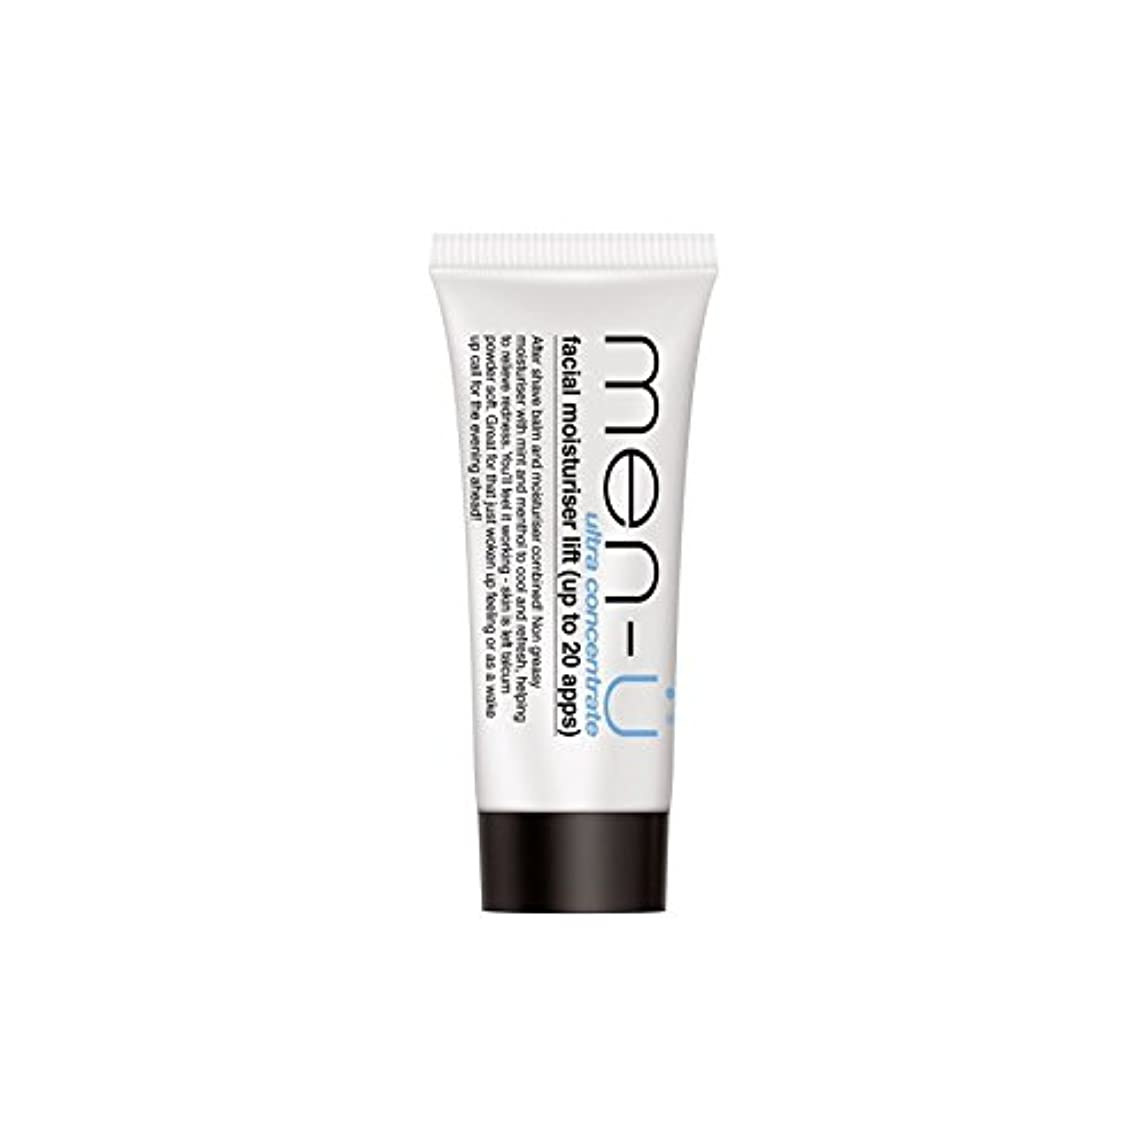 同化懐疑的パイプライン男性-のバディ顔の保湿剤のリフトチューブ(15ミリリットル) x2 - Men-? Buddy Facial Moisturiser Lift Tube (15ml) (Pack of 2) [並行輸入品]